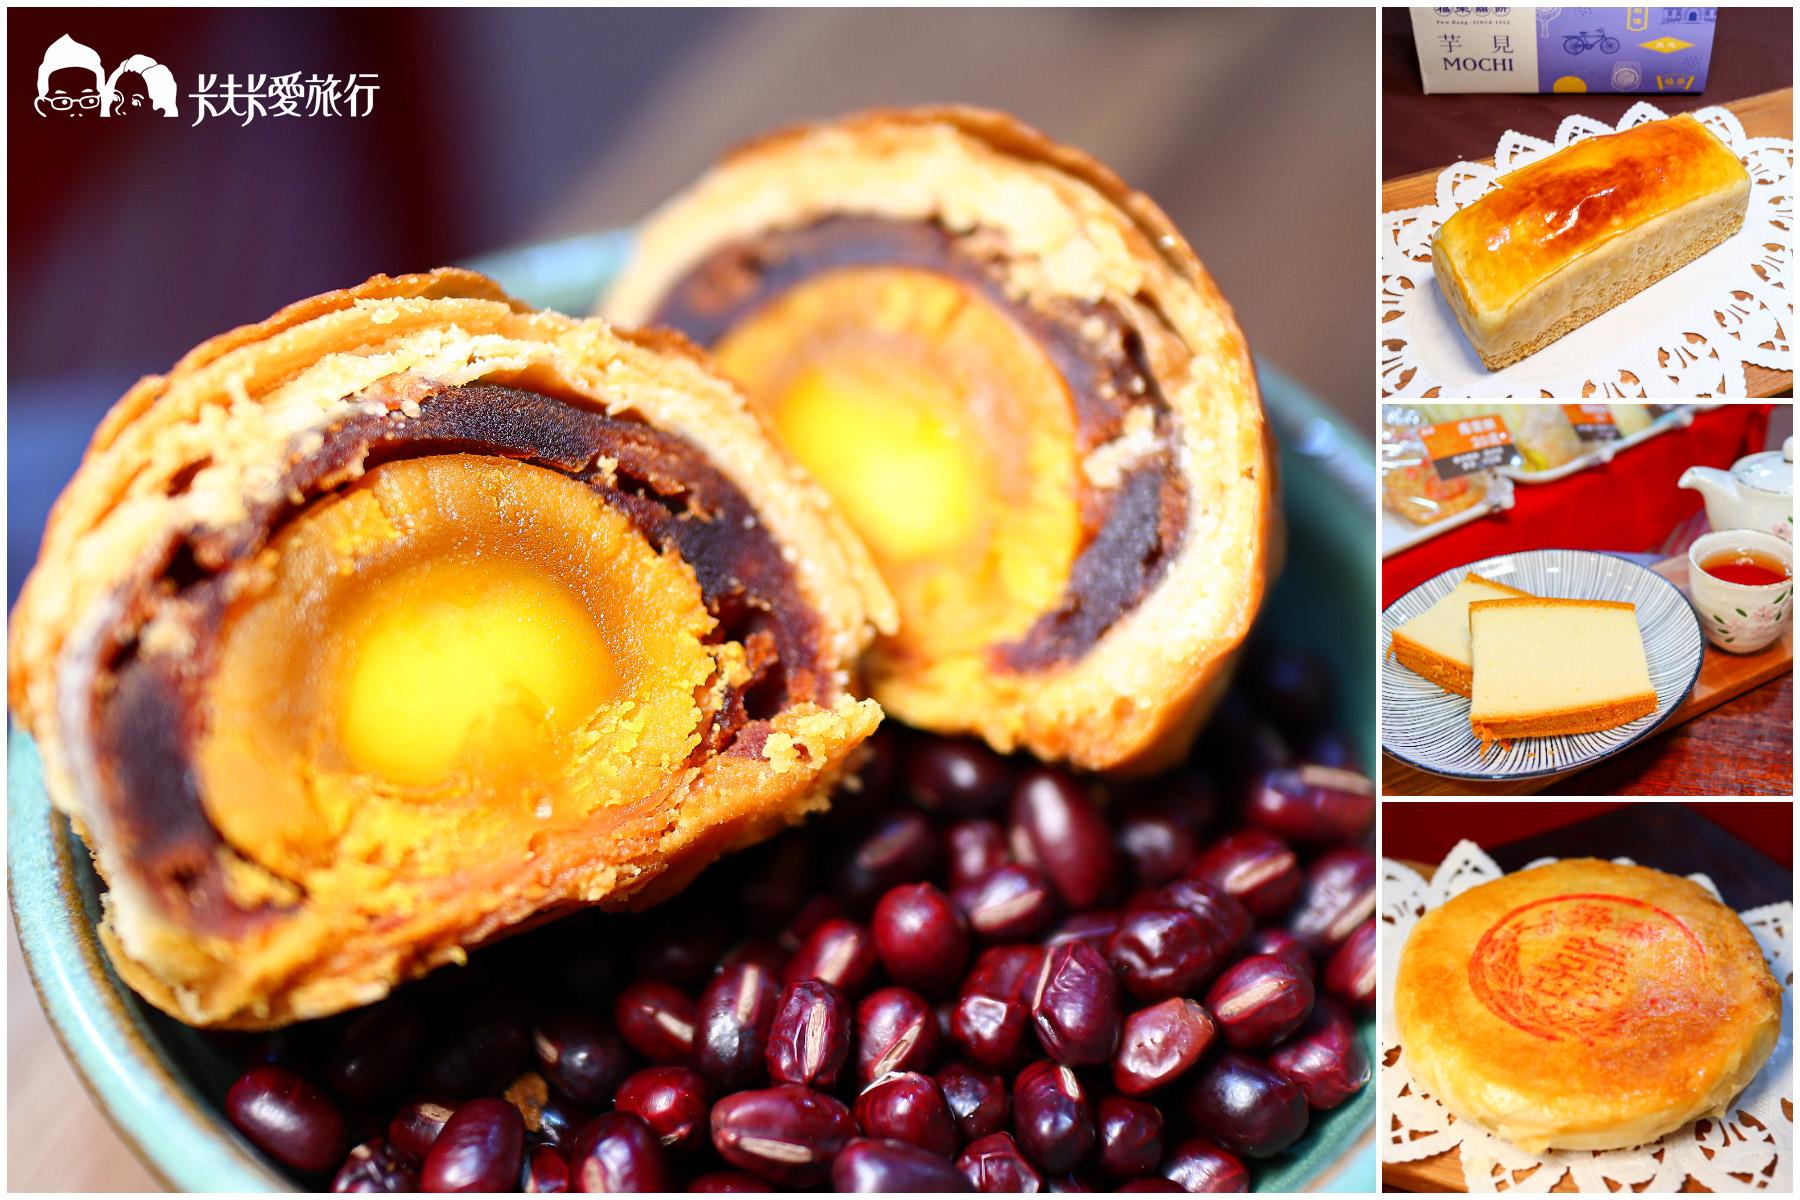 雲林虎尾伴手禮|福榮喜餅|在地人最愛60年老餅店招牌魯肉豆沙月餅蛋黃酥